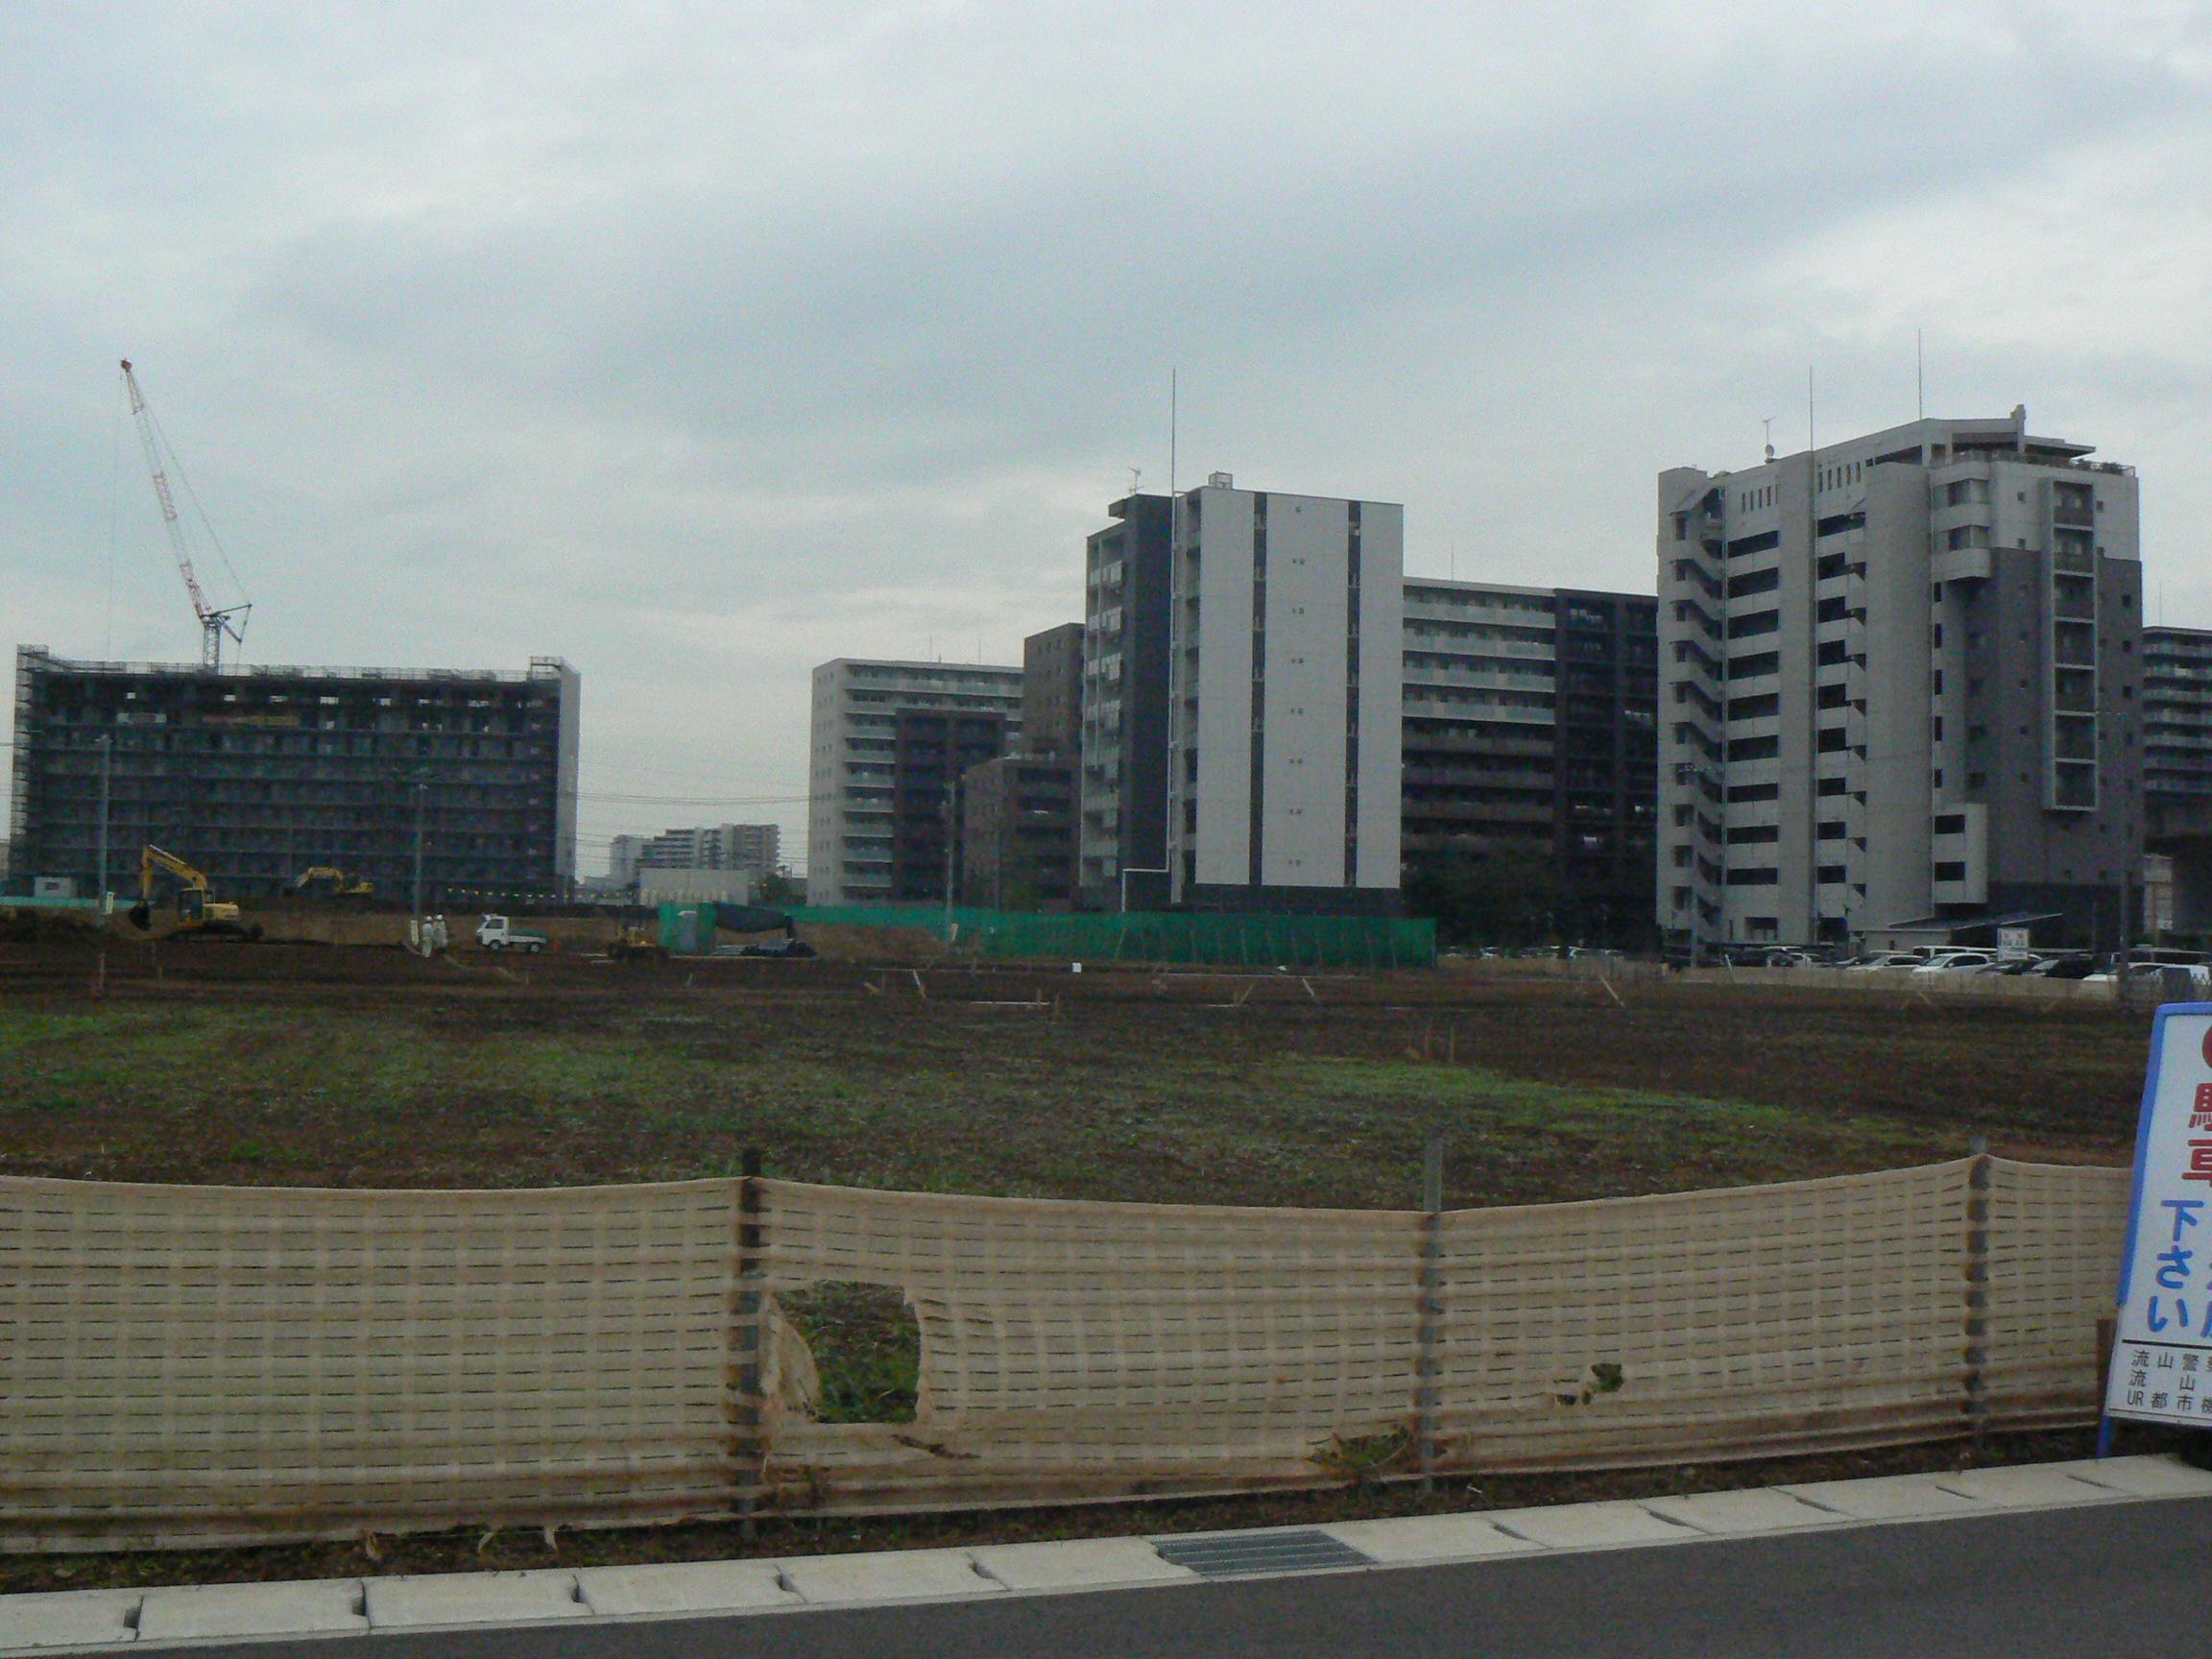 市有地東側。マンション群の手前にもまだマンション建設可能な用地が残っています